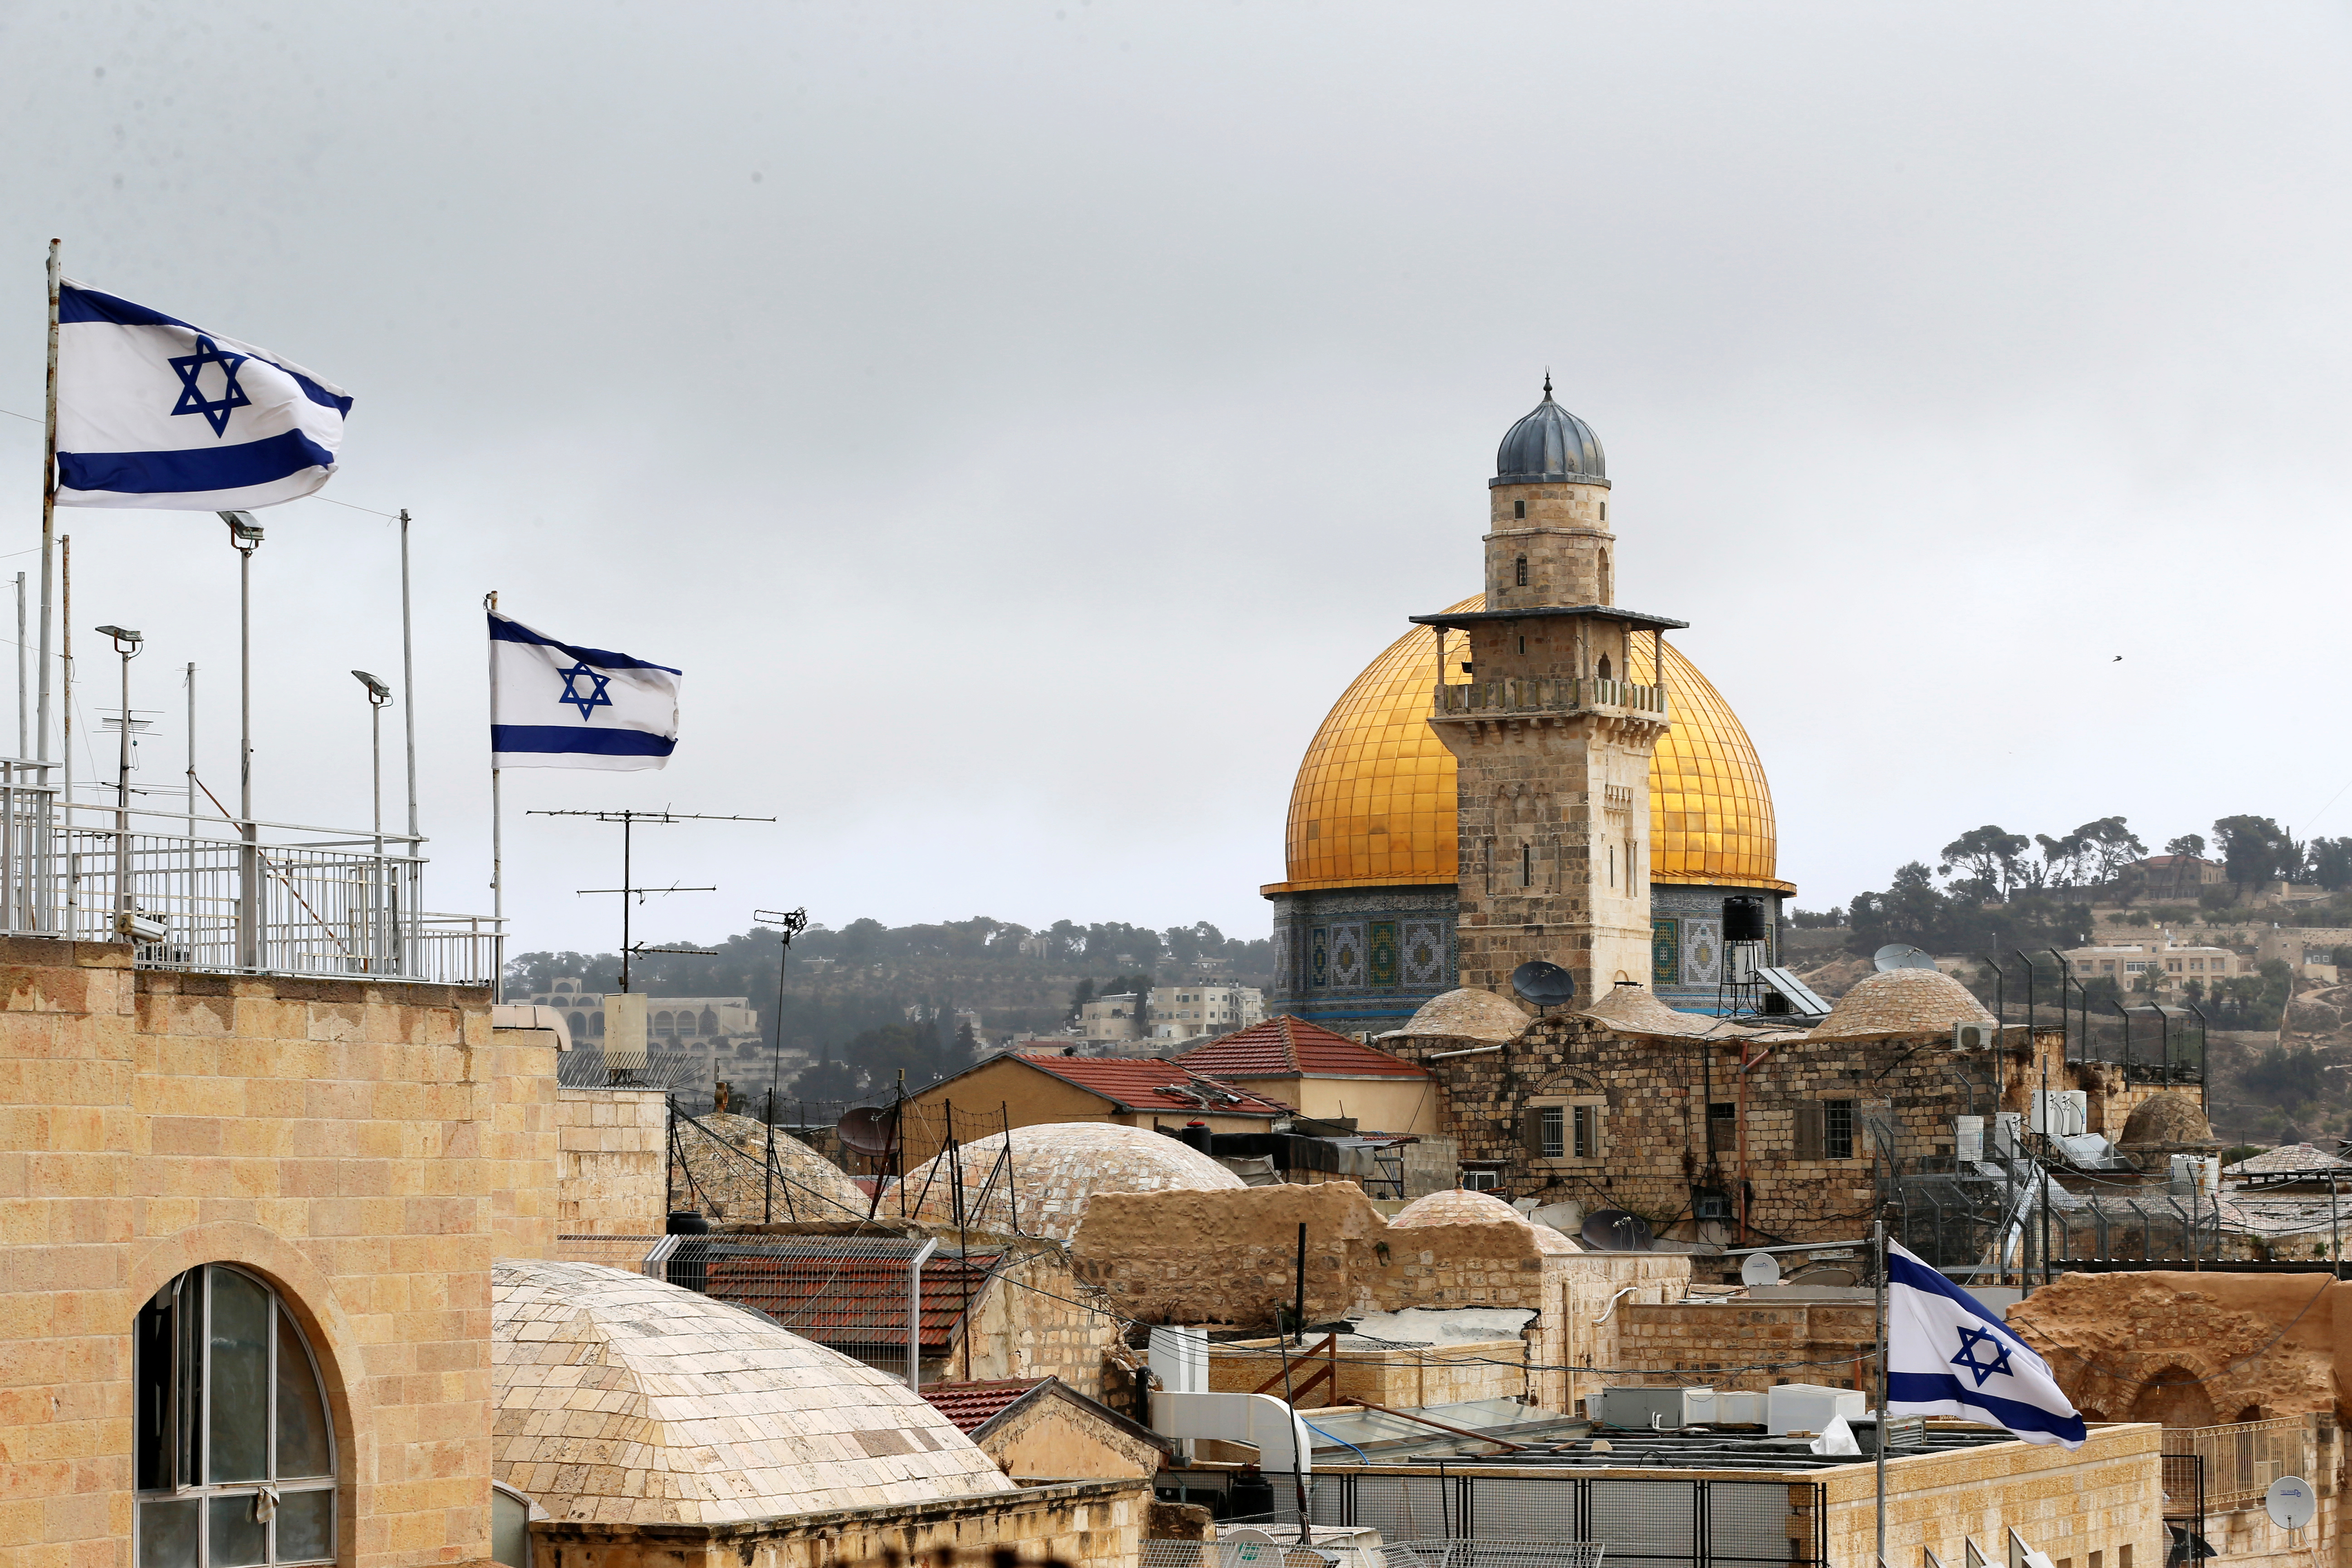 قوات الاحتلال الإسرائيلية تستفز الفلسطينيين قبل إعلان ترامب